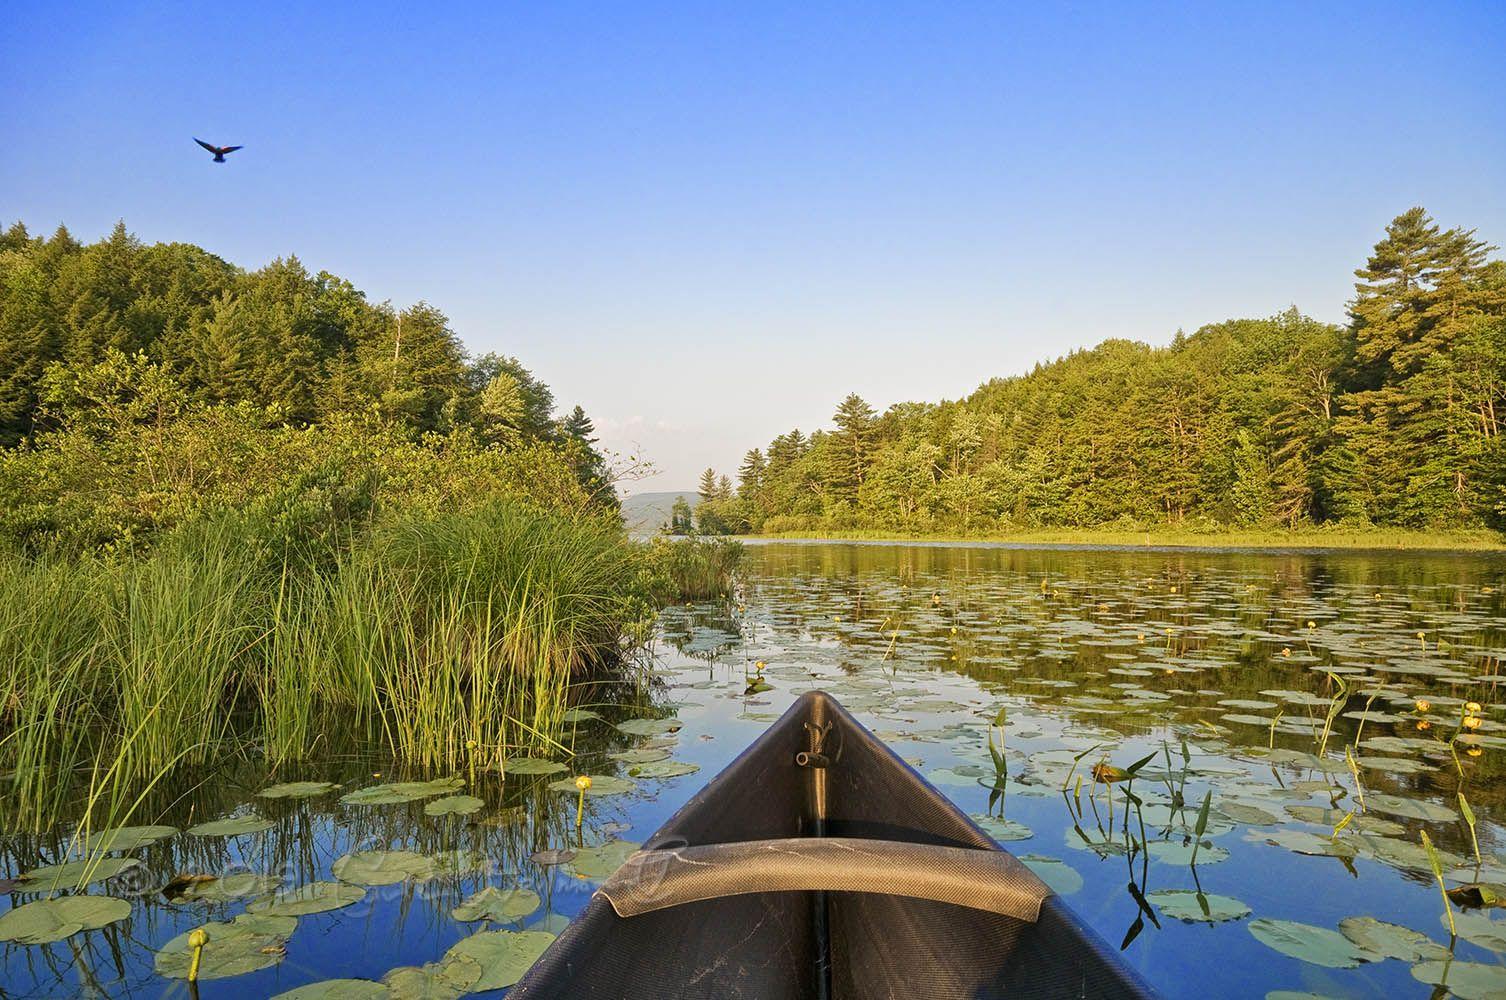 2 The Trails of the Adirondacks - Adirondacks canoe